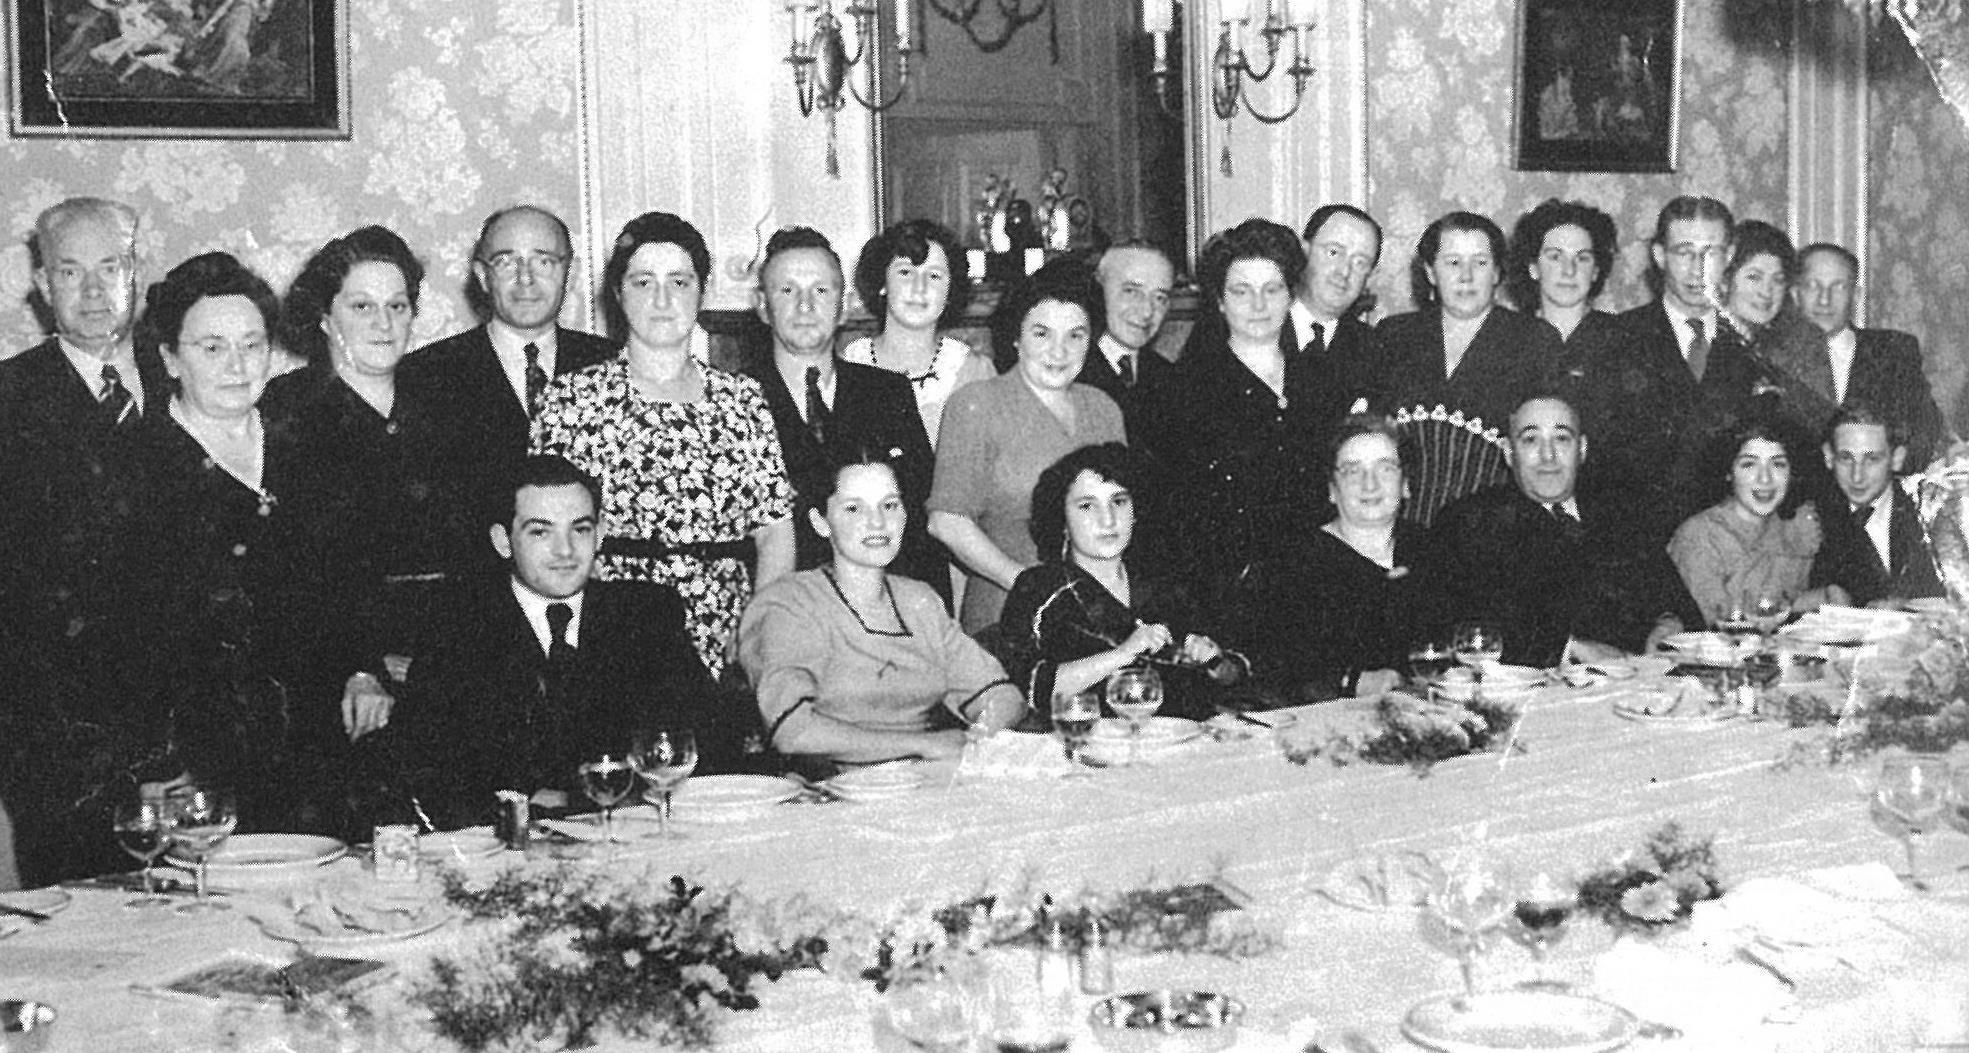 Een naoorlogs huwelijk van de familie de Beer. Staand van links als negende en tiende zijn Simon en Rika de Beer.